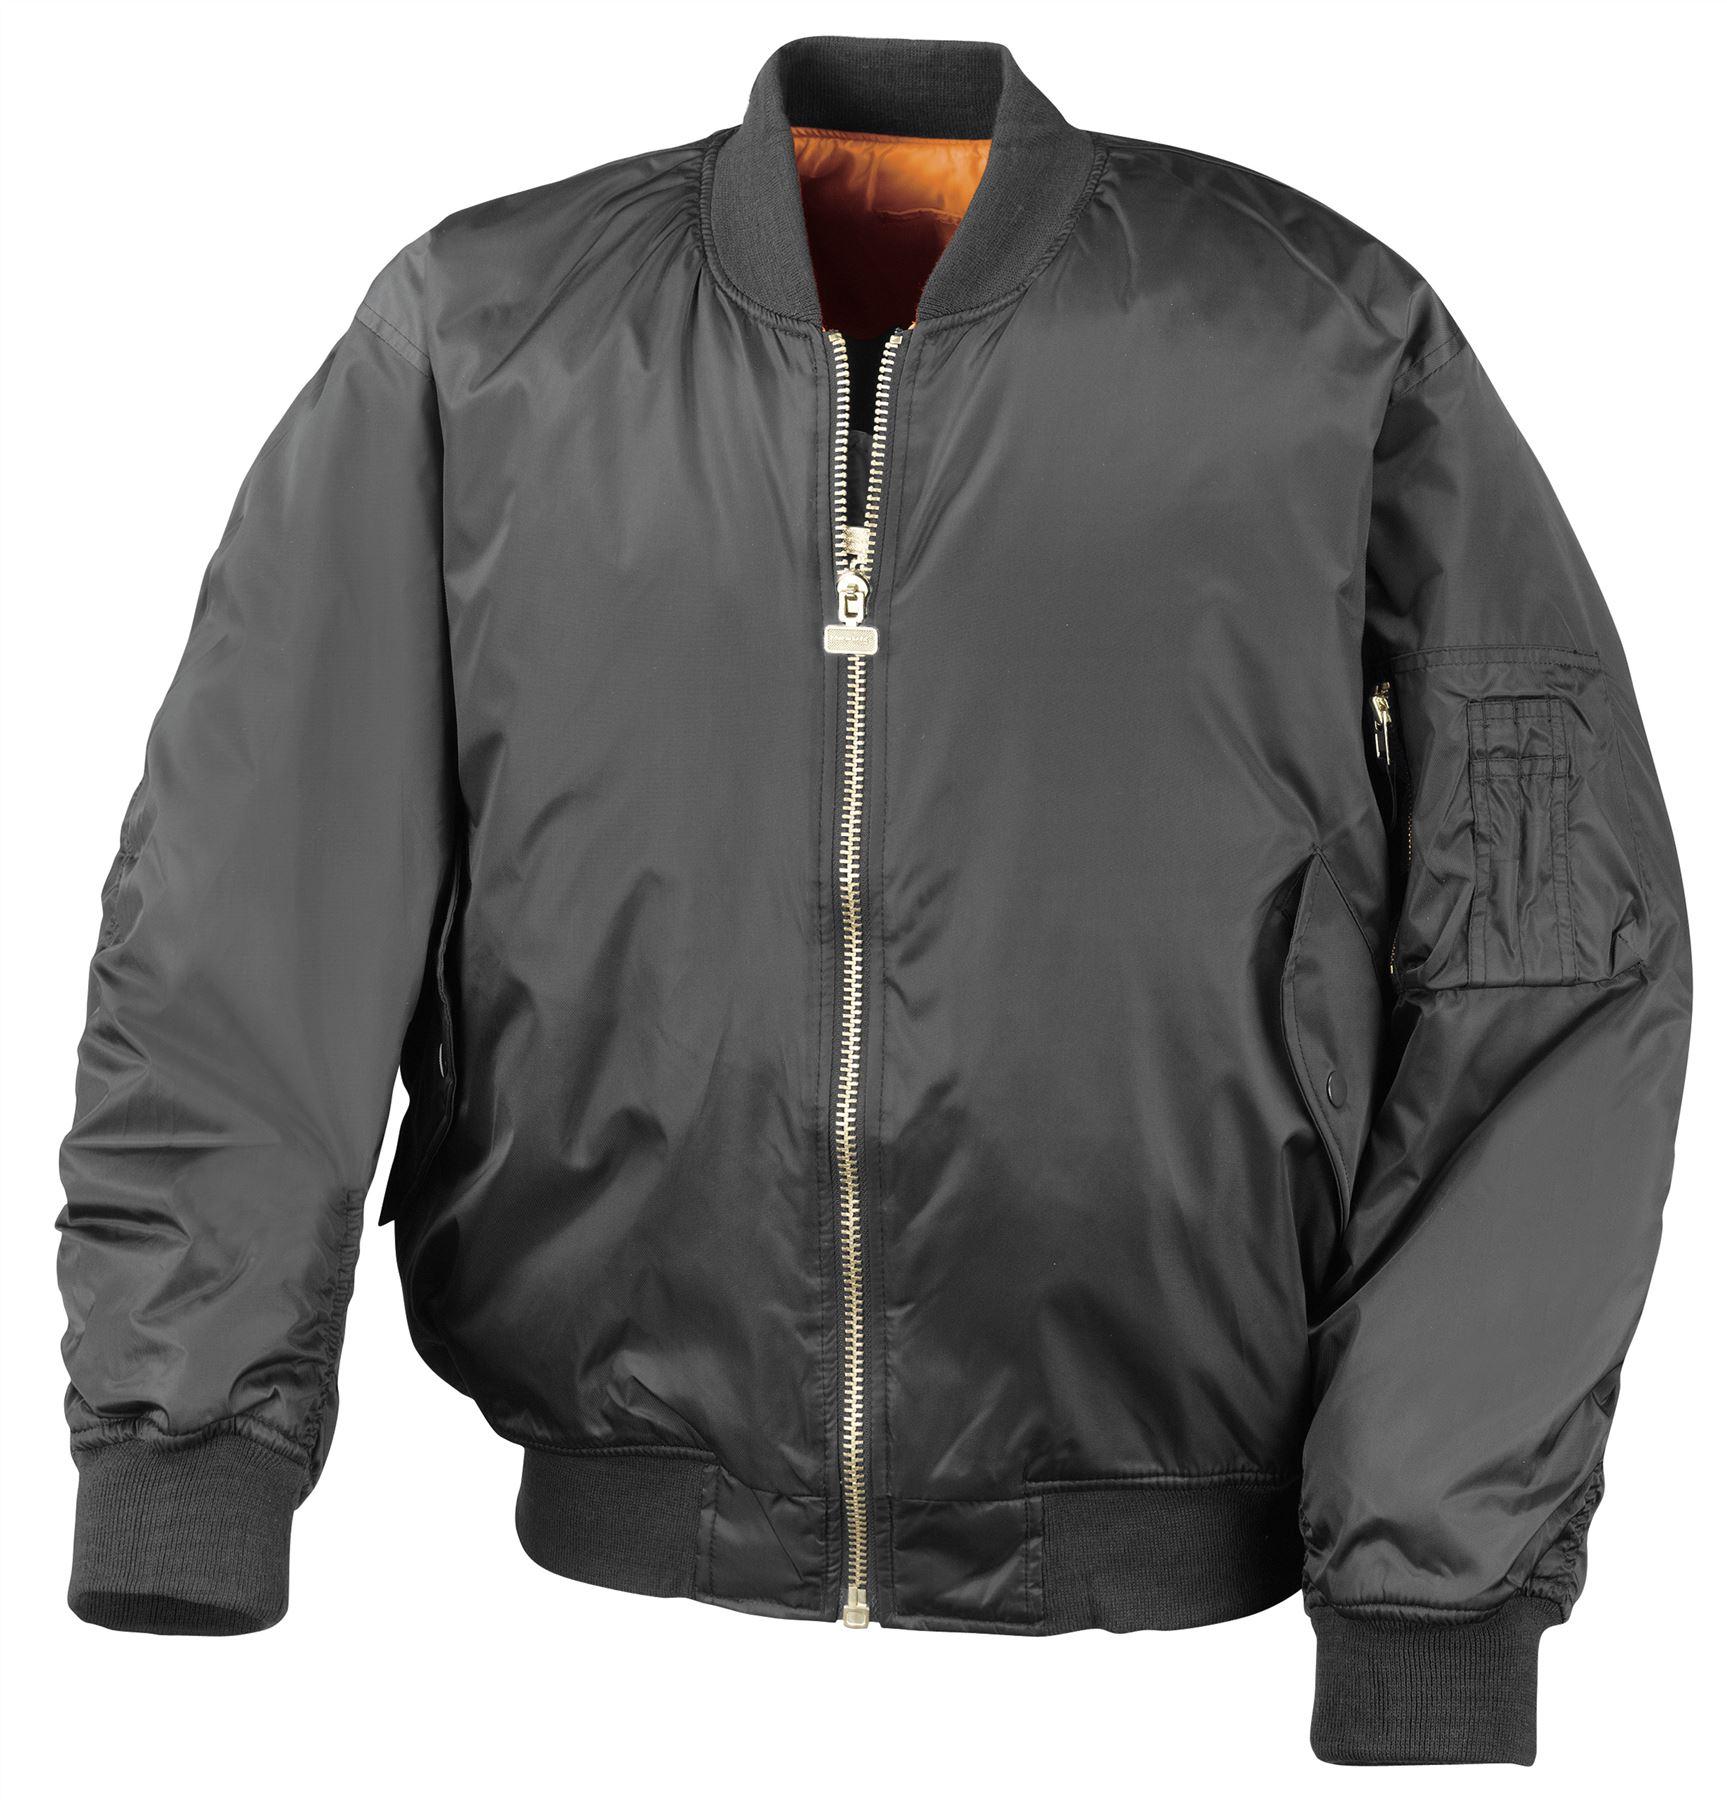 Result-Work-Guard-The-original-flying-jacket